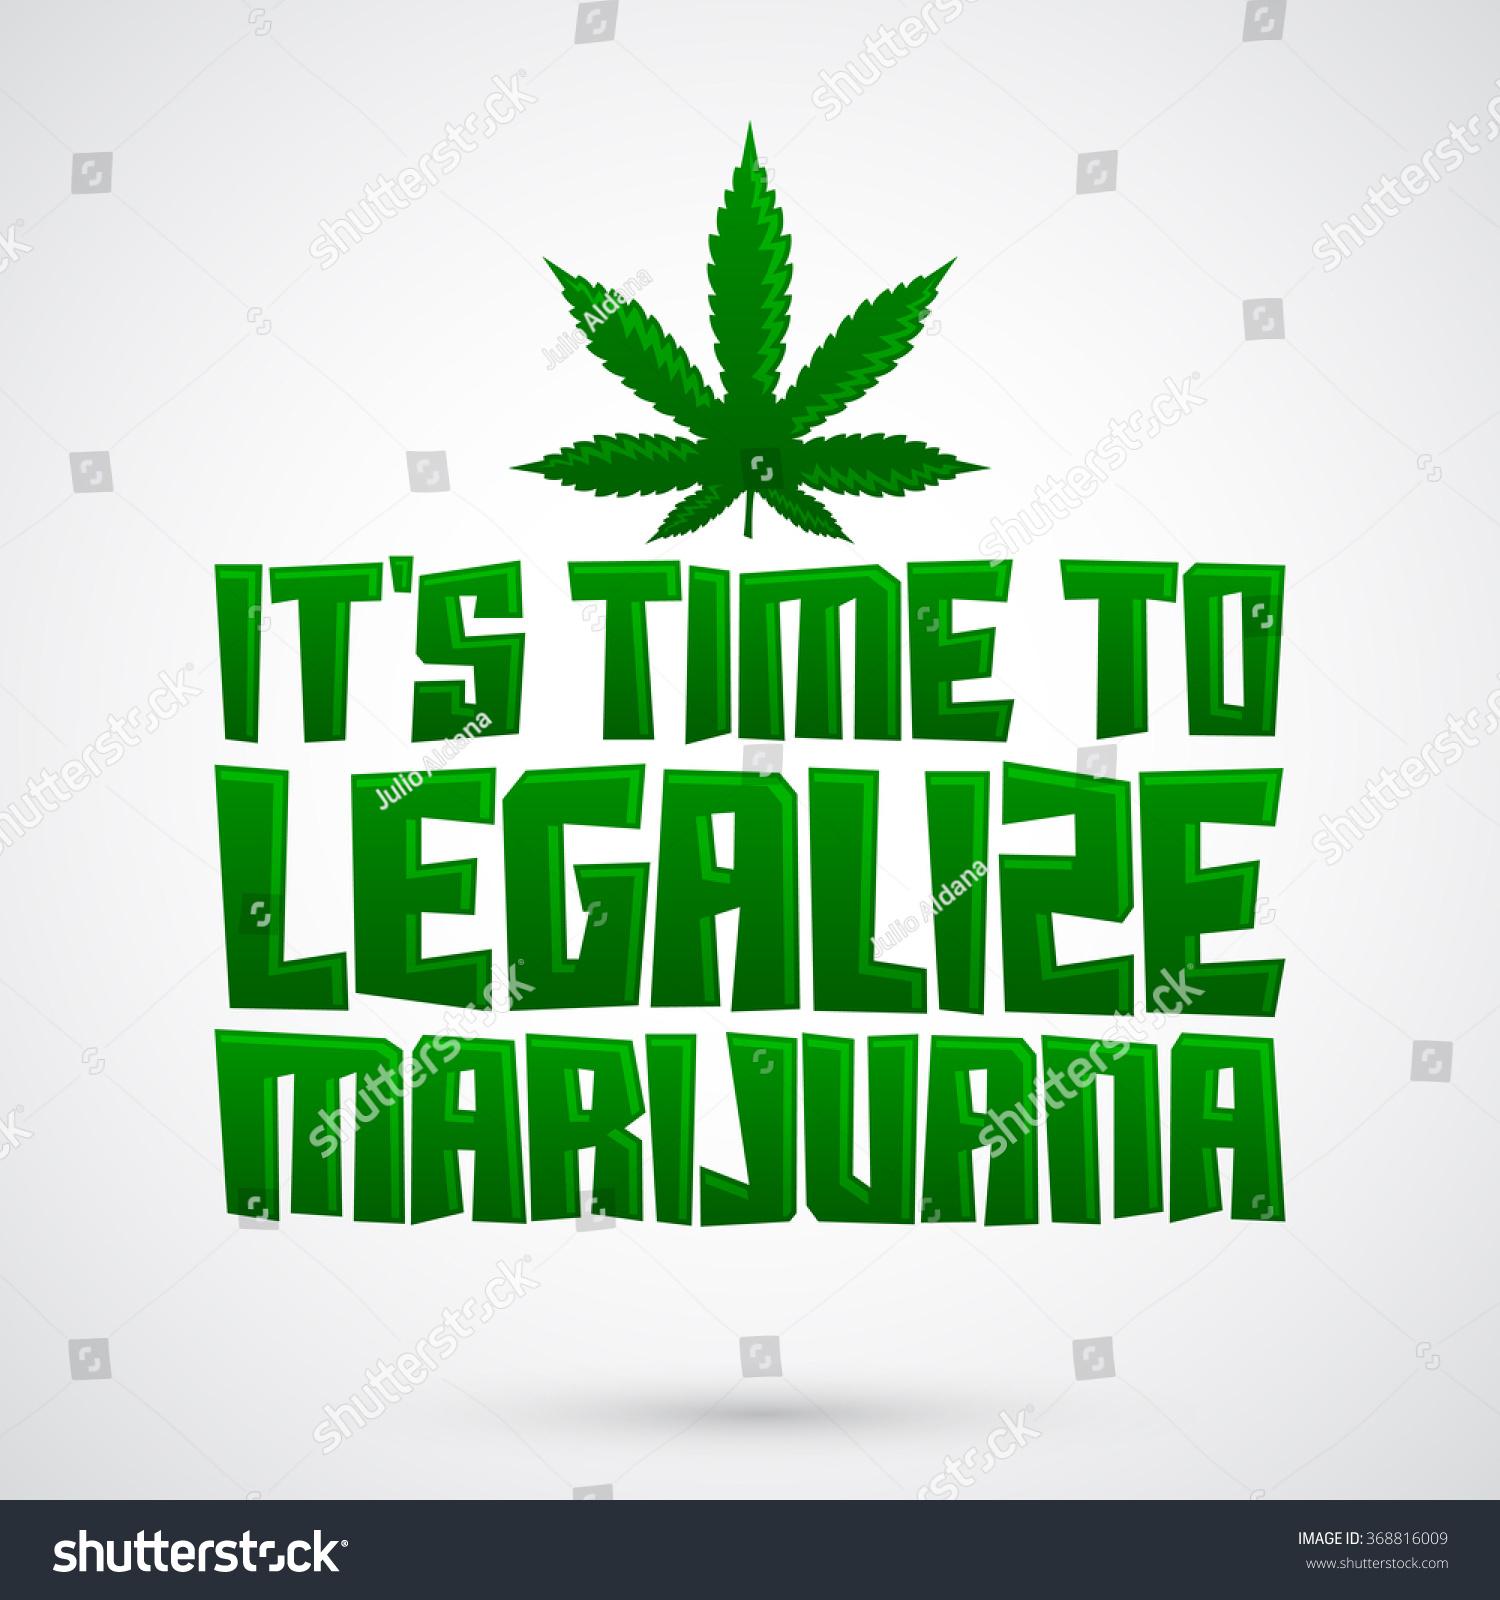 Marijuana legalize it